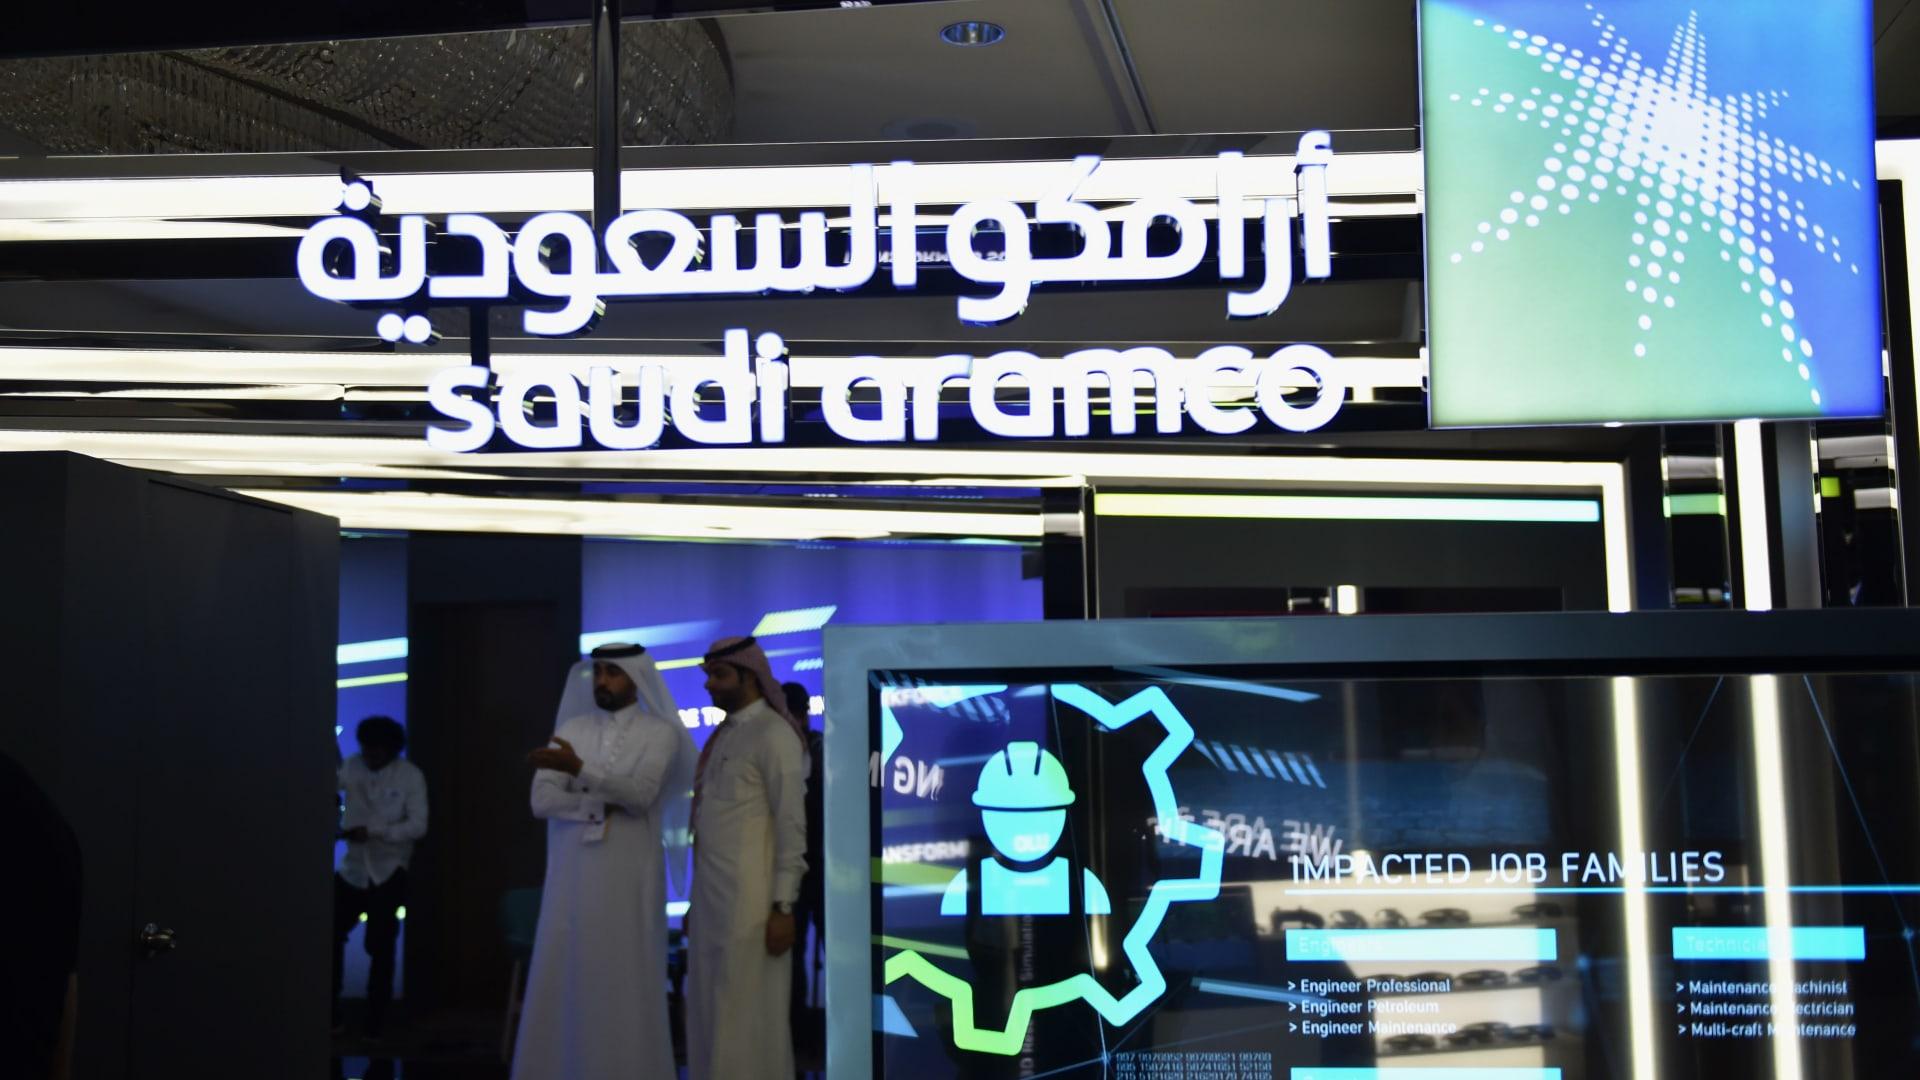 تراجع أرباح أرامكو السعودية بالربع الثالث بـ44.6٪